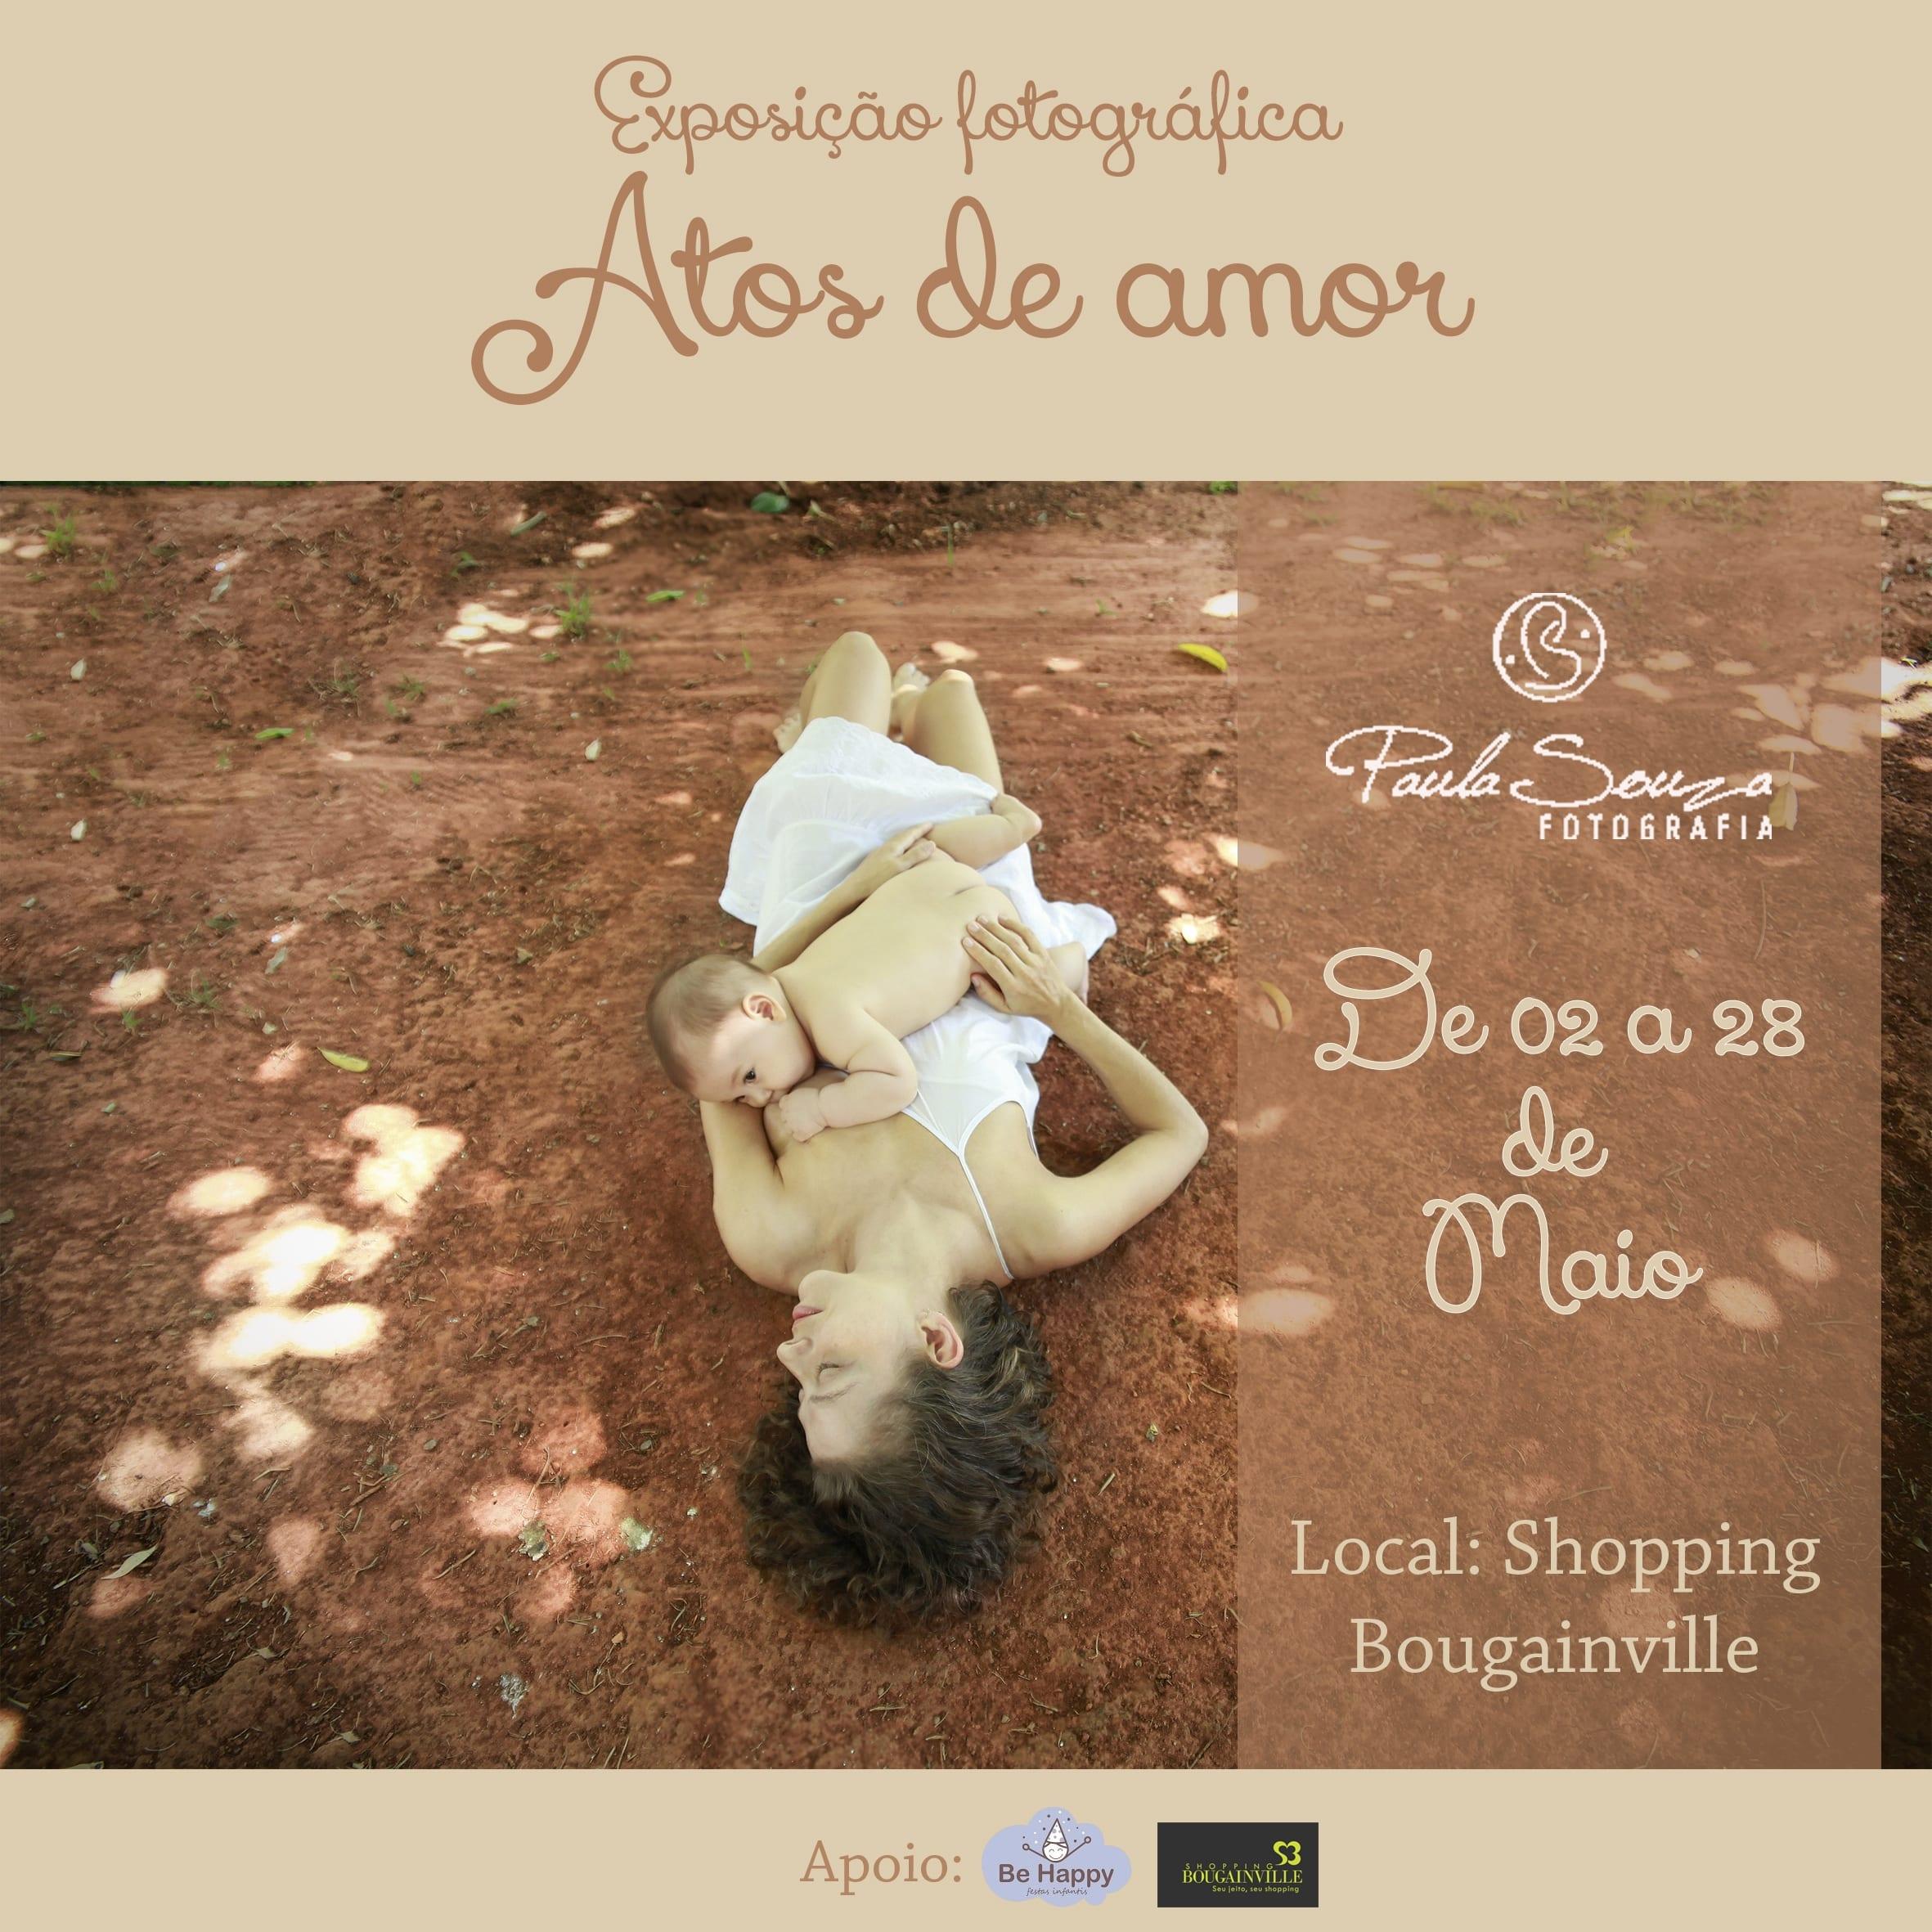 exposicao atos de amor, paula souza, newborn, gestante, goiania, goias, bougainville, shopping